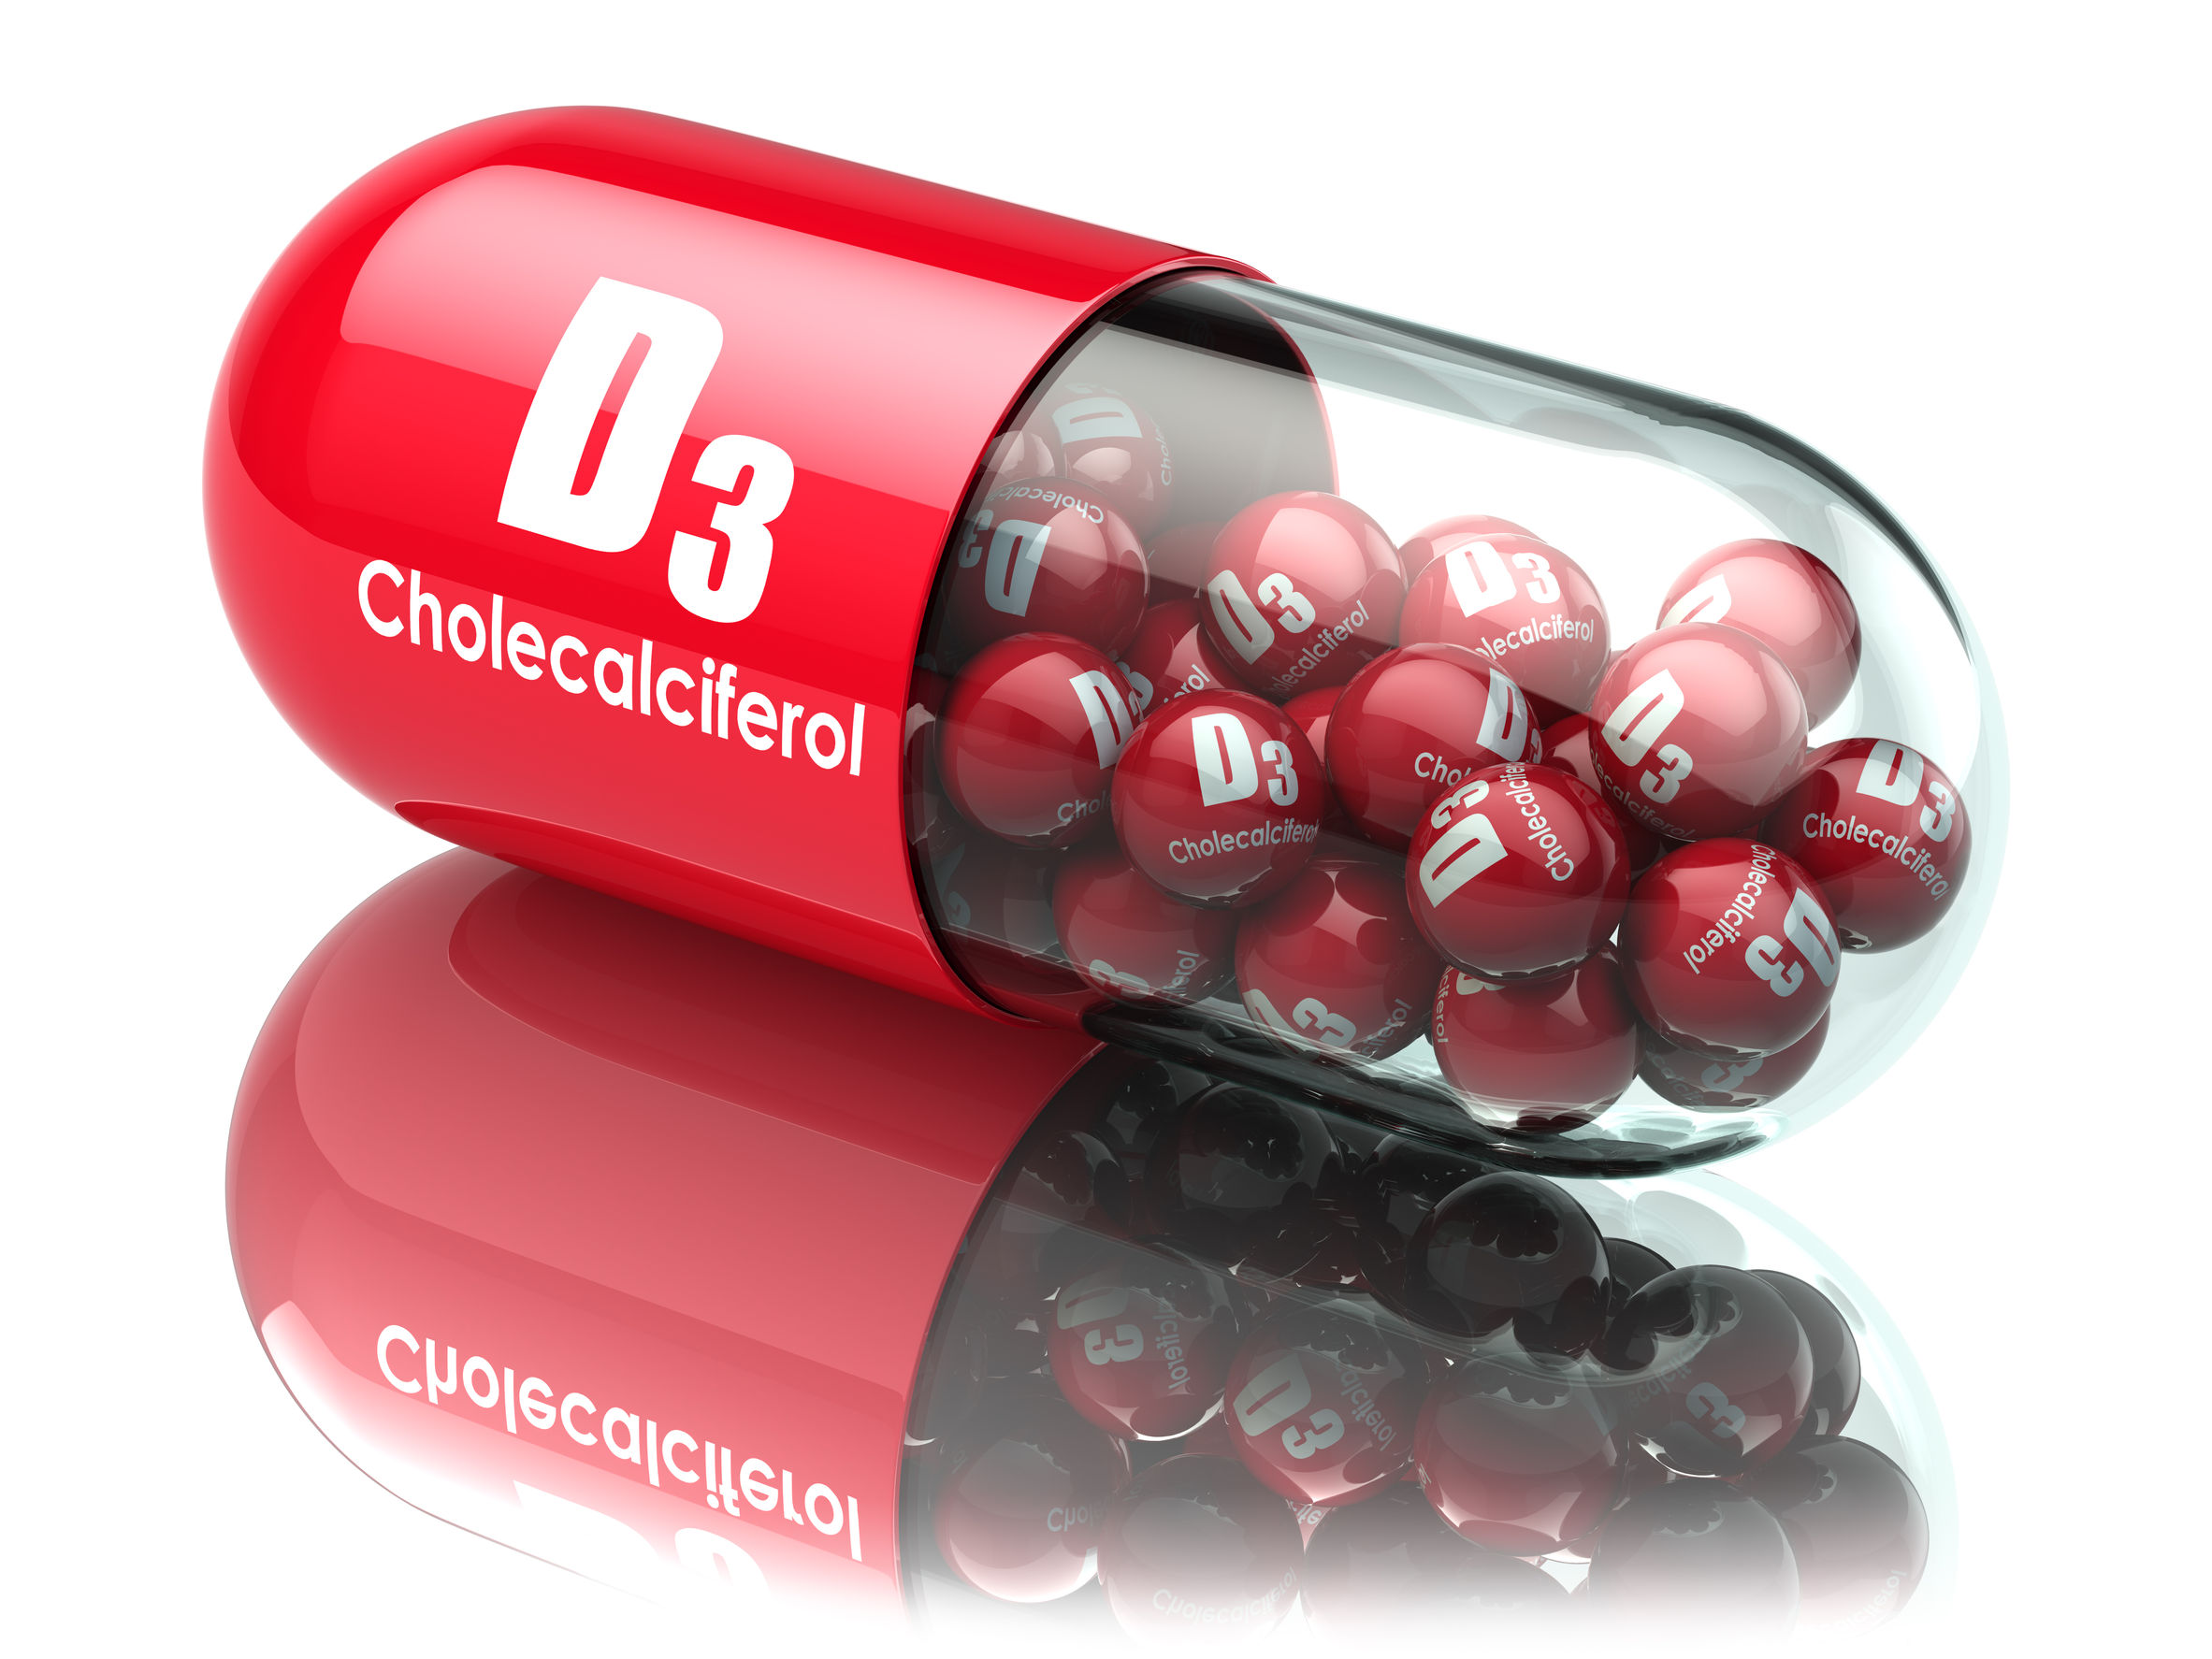 Miglior integratore di vitamina D3 2021: Guida all'acquisto